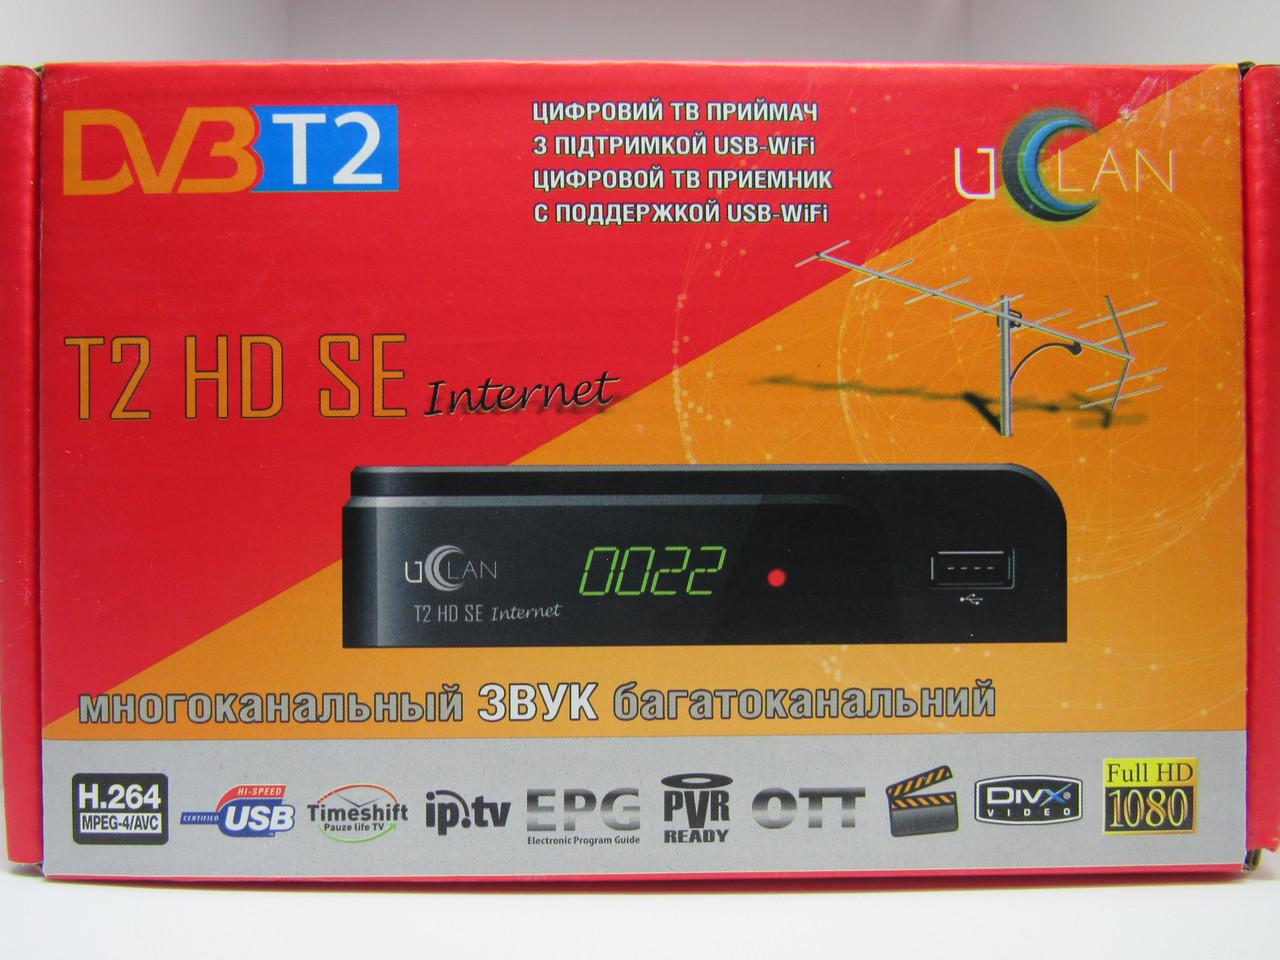 U2C uClan T2 LED Internet цифровой эфирный DVB-T2 ресивер (с дисплеем)